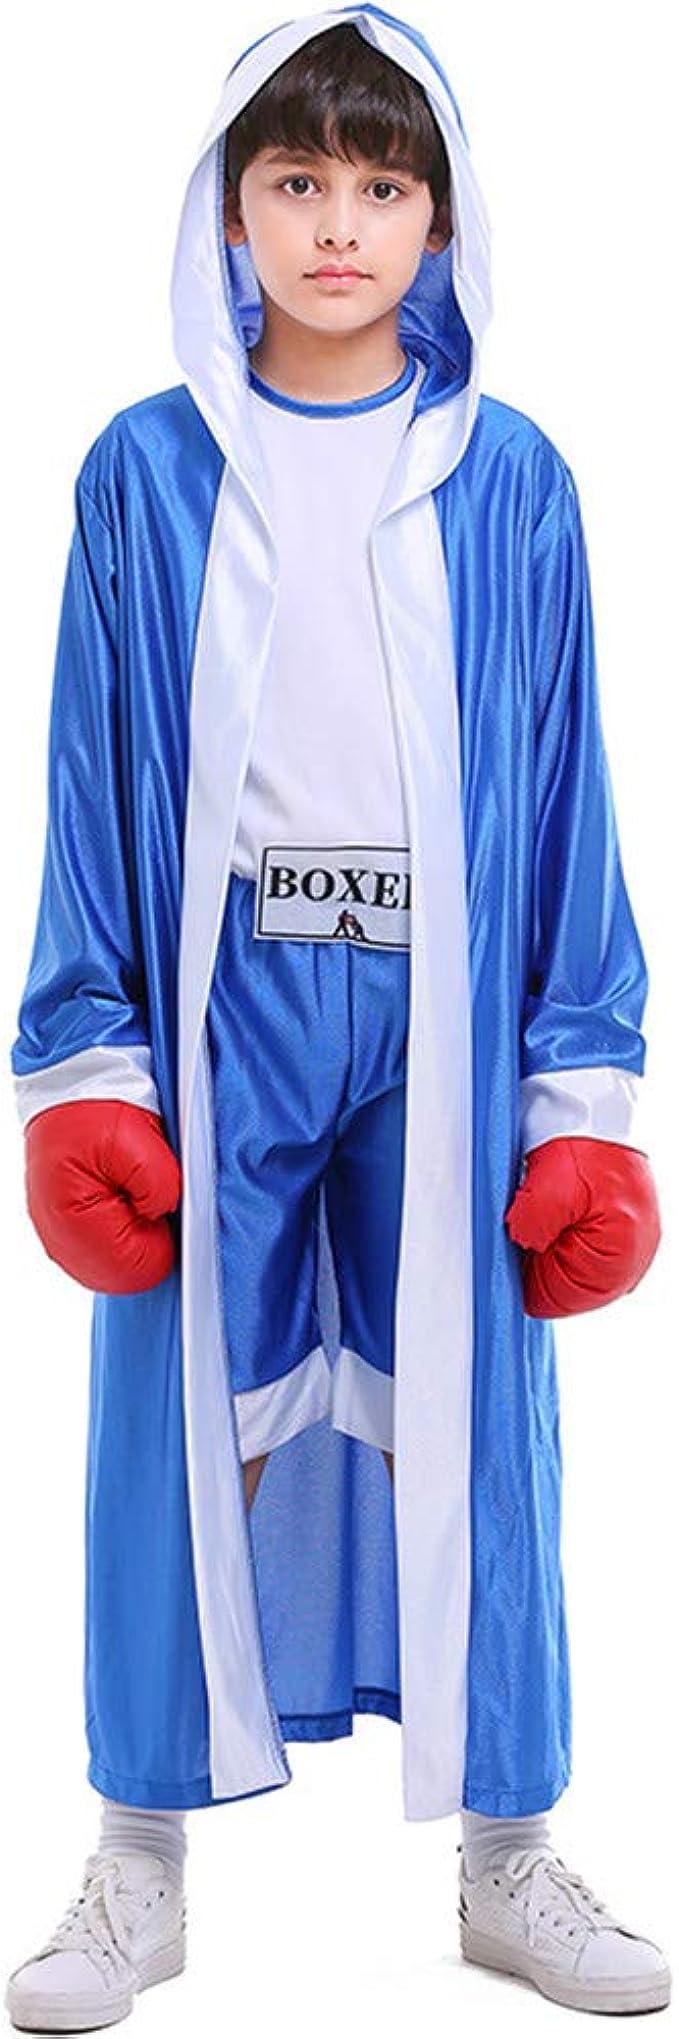 Amazon.com: Disfraz de boxeo para niños, color rojo, azul y ...